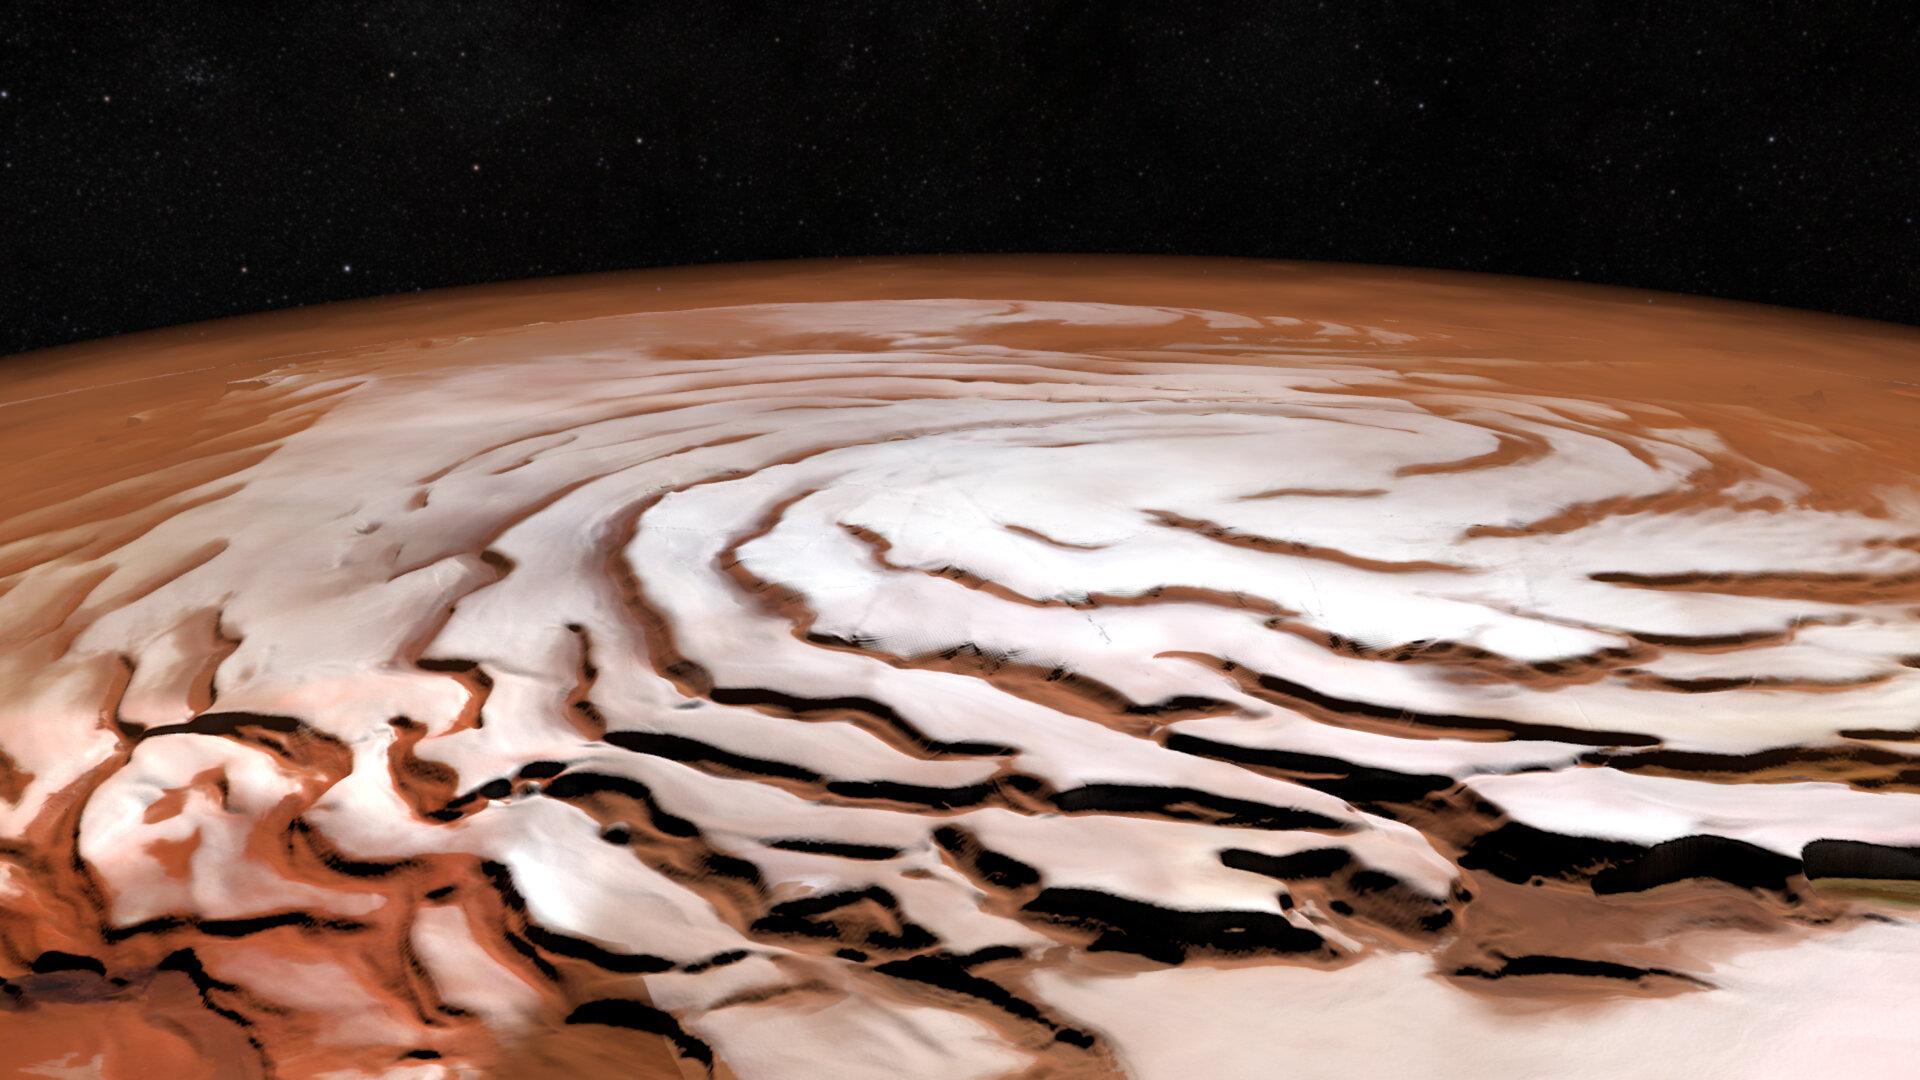 火星は実は寒かった?1万276カ所の谷の分析で分かった新予測